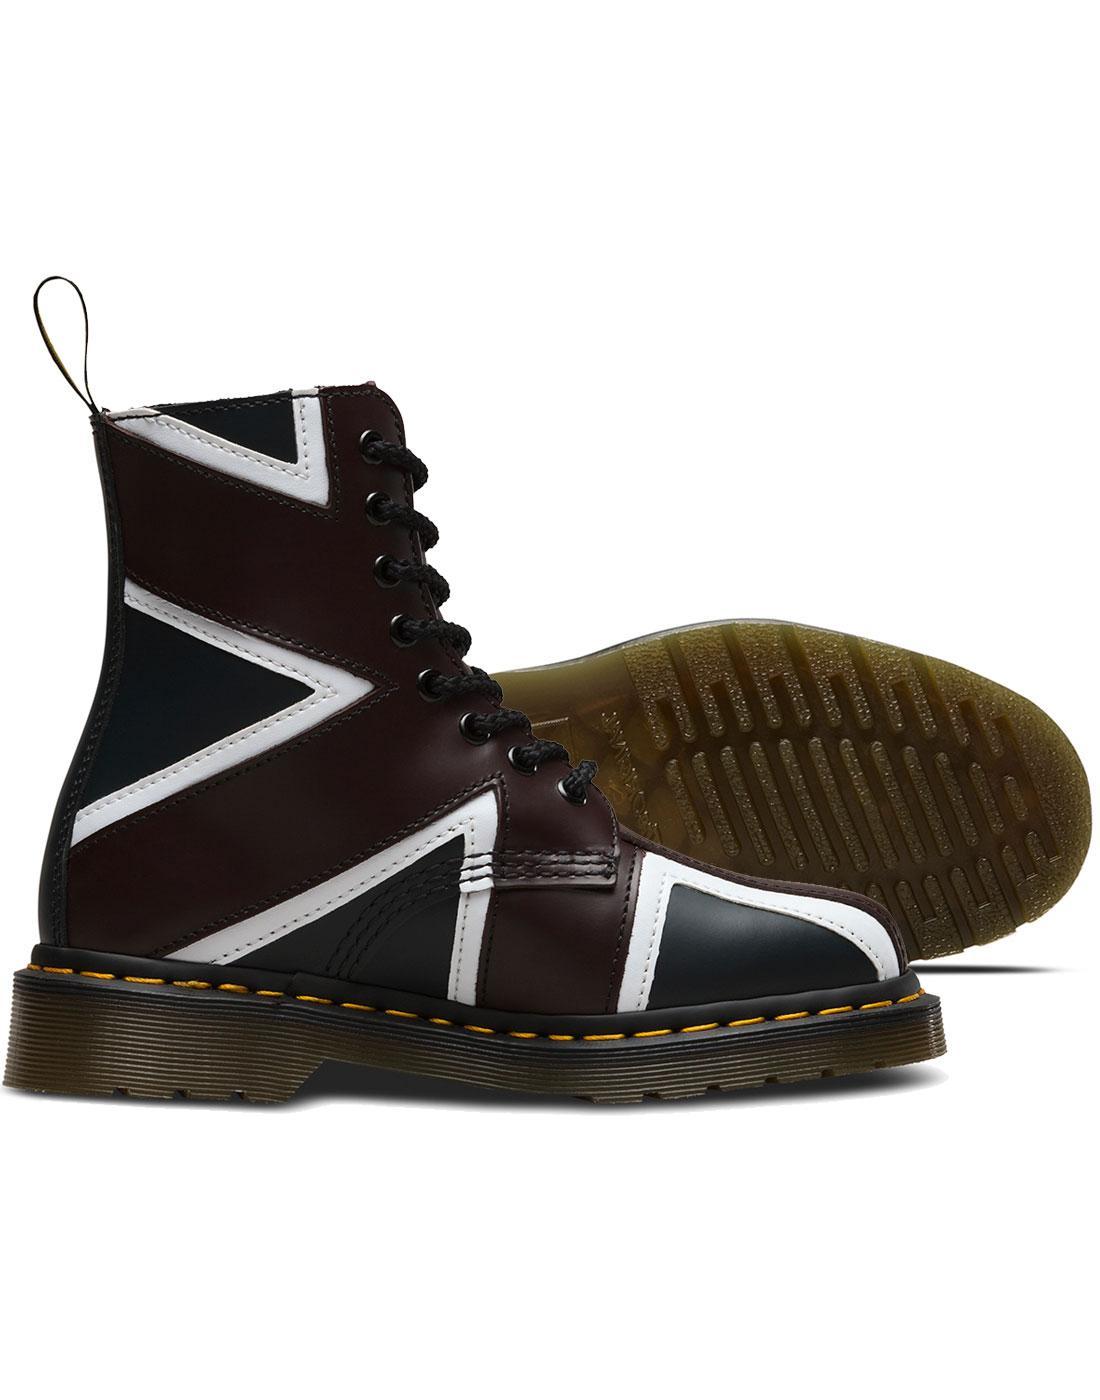 ed66ba0fa8 DR MARTENS Pascal Brit Men's Mod Punk Union Jack 8 Eyelet Boots